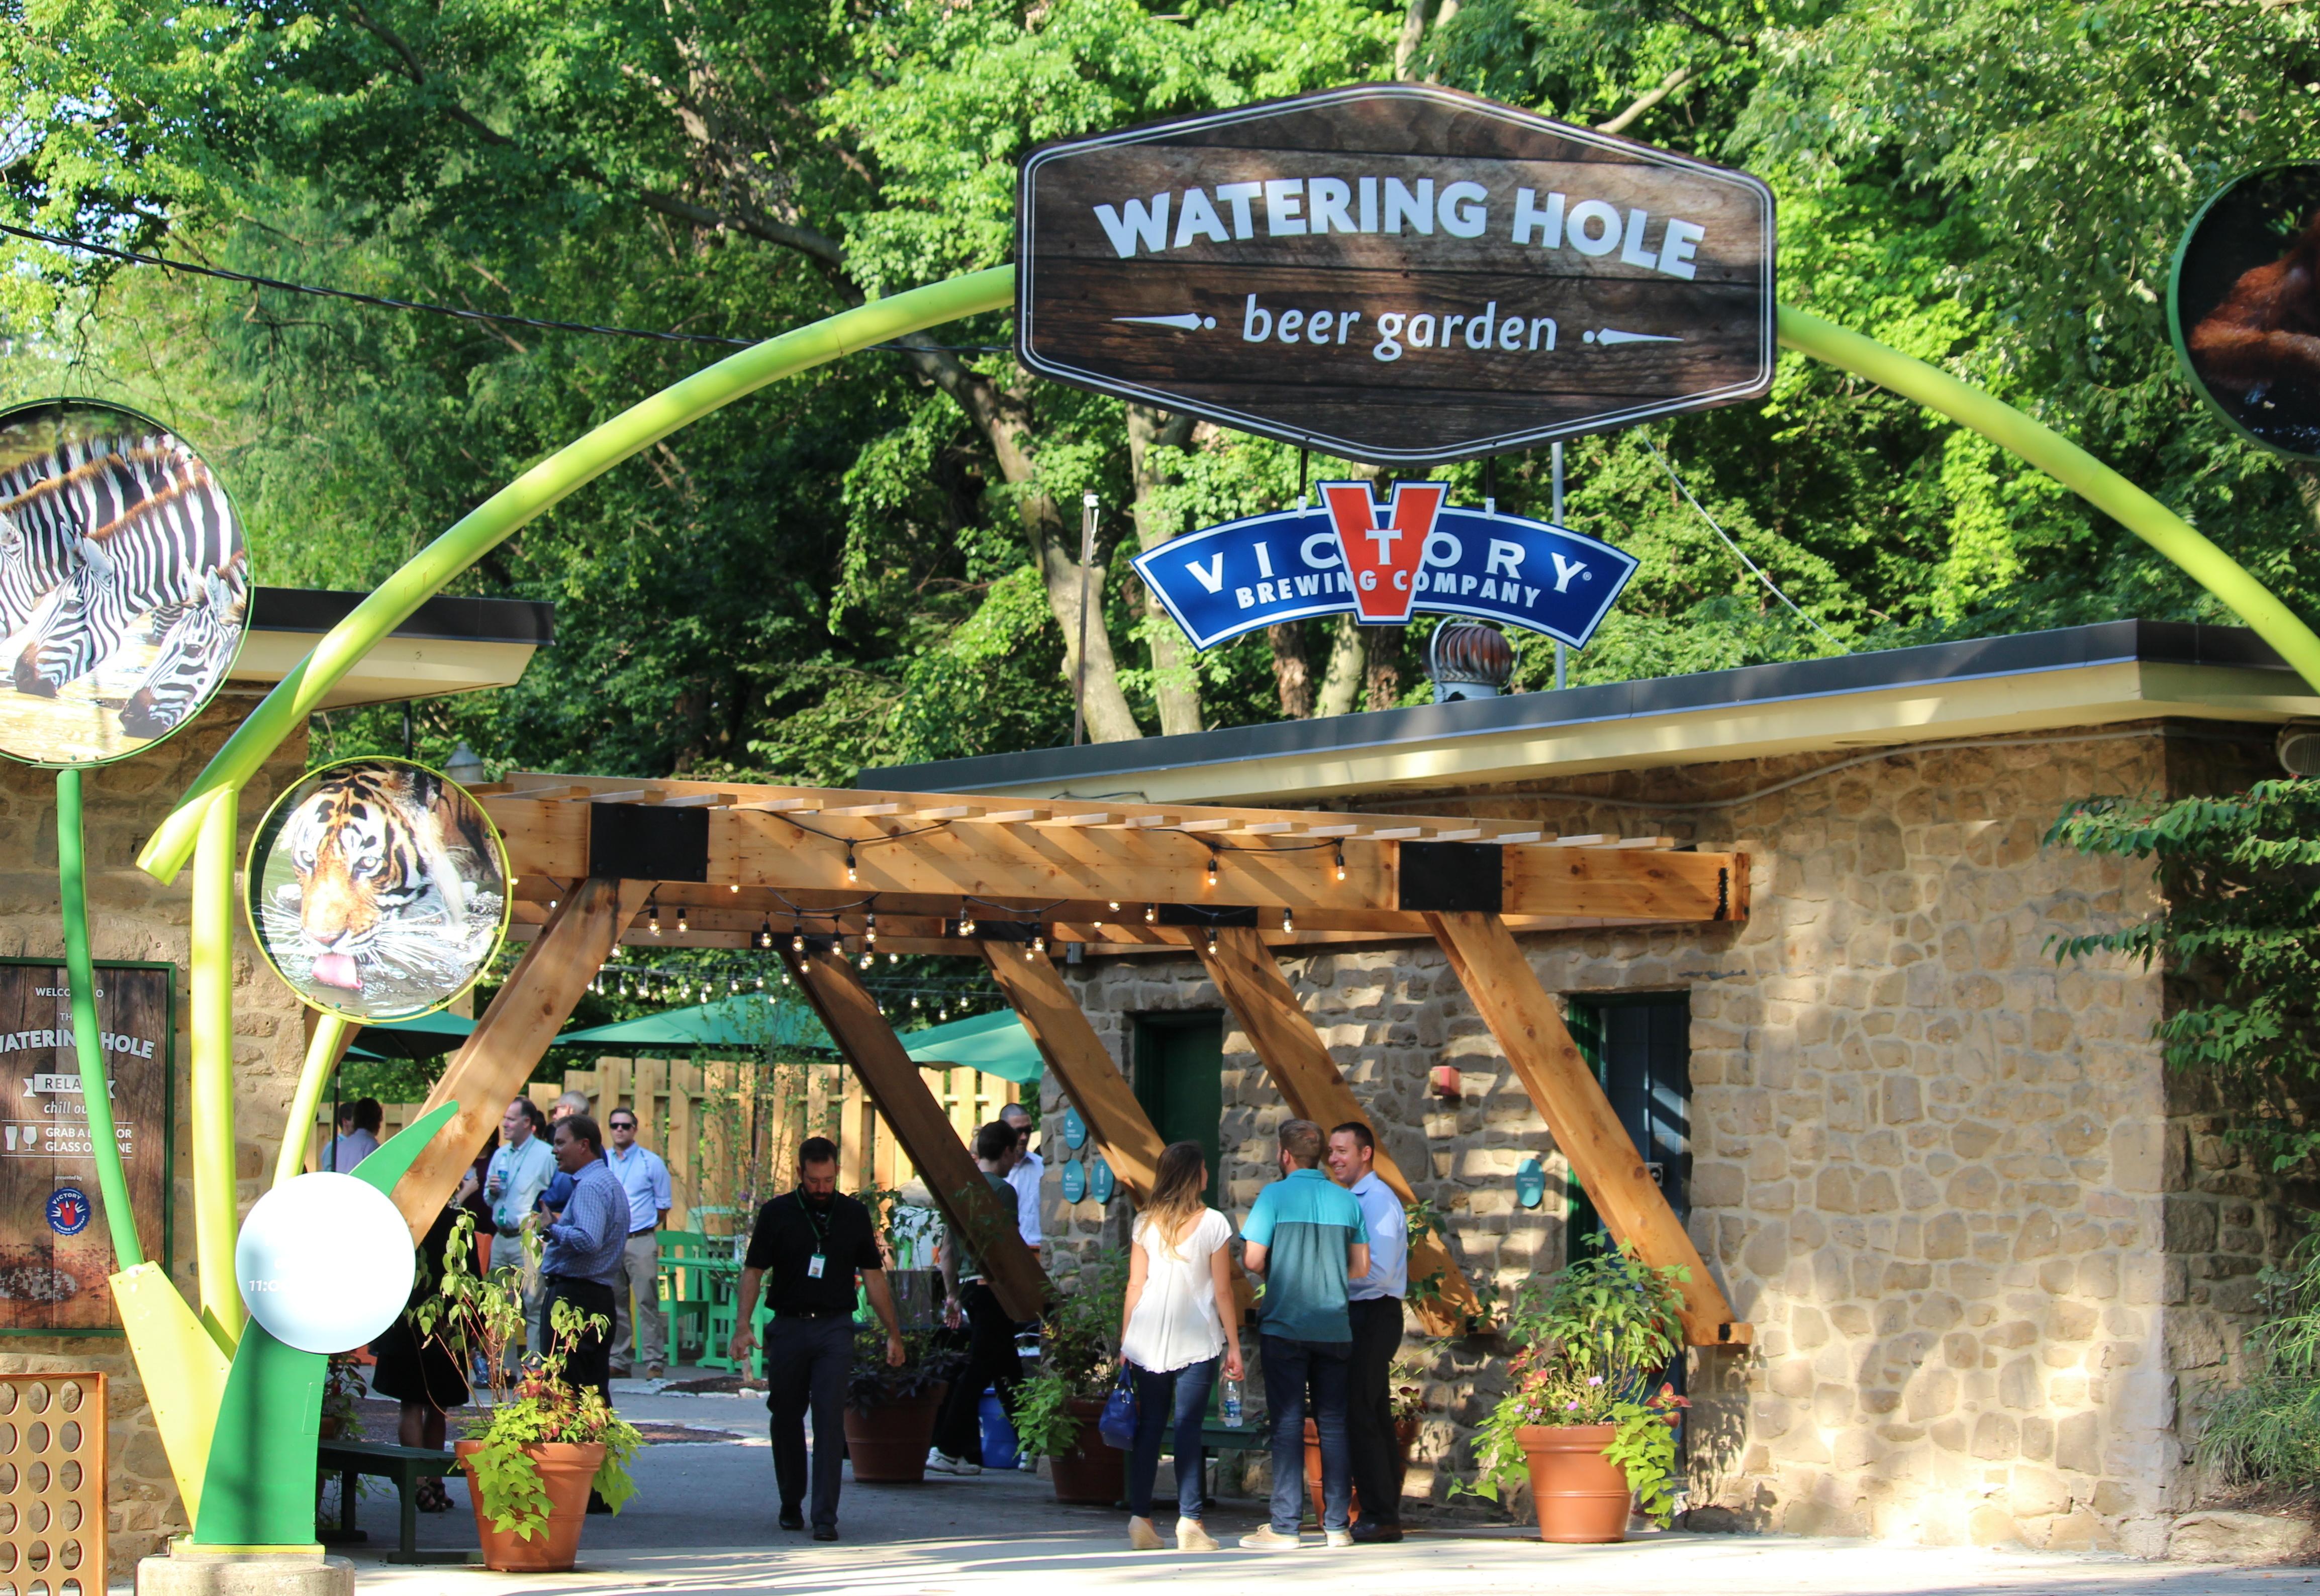 The Philadelphia Zoo Now has a Beer Garden Full of Victory Beer